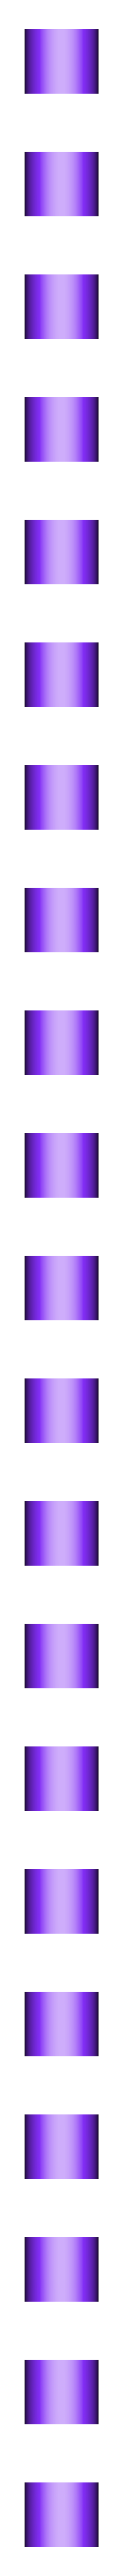 Sleeve x4.STL Télécharger fichier STL gratuit New Hand spinner five gears • Modèle pour impression 3D, Vladimir310873